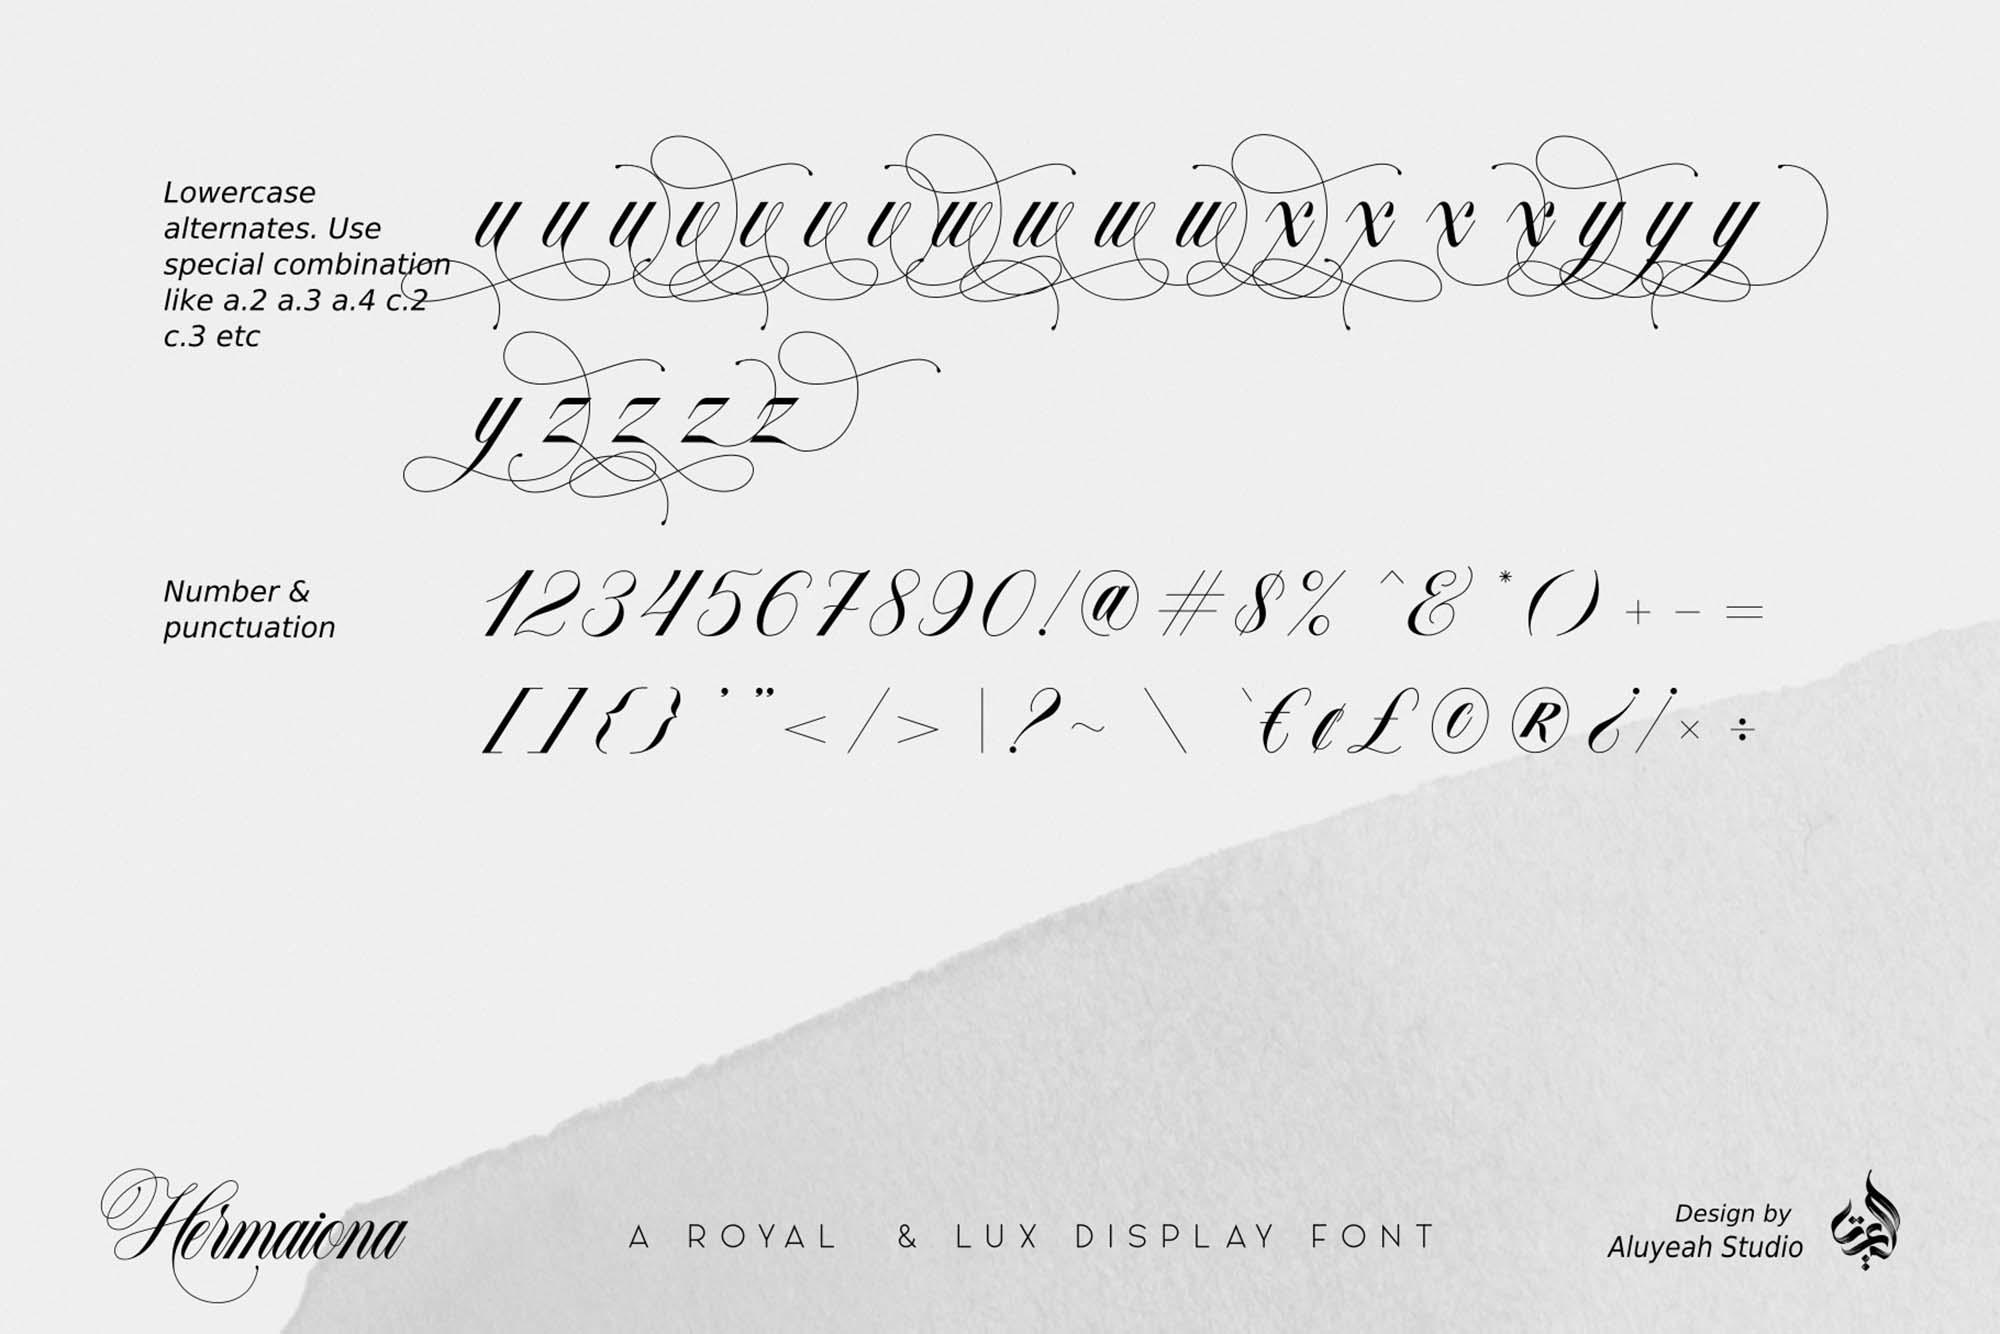 Hermaiona Royal Font 11